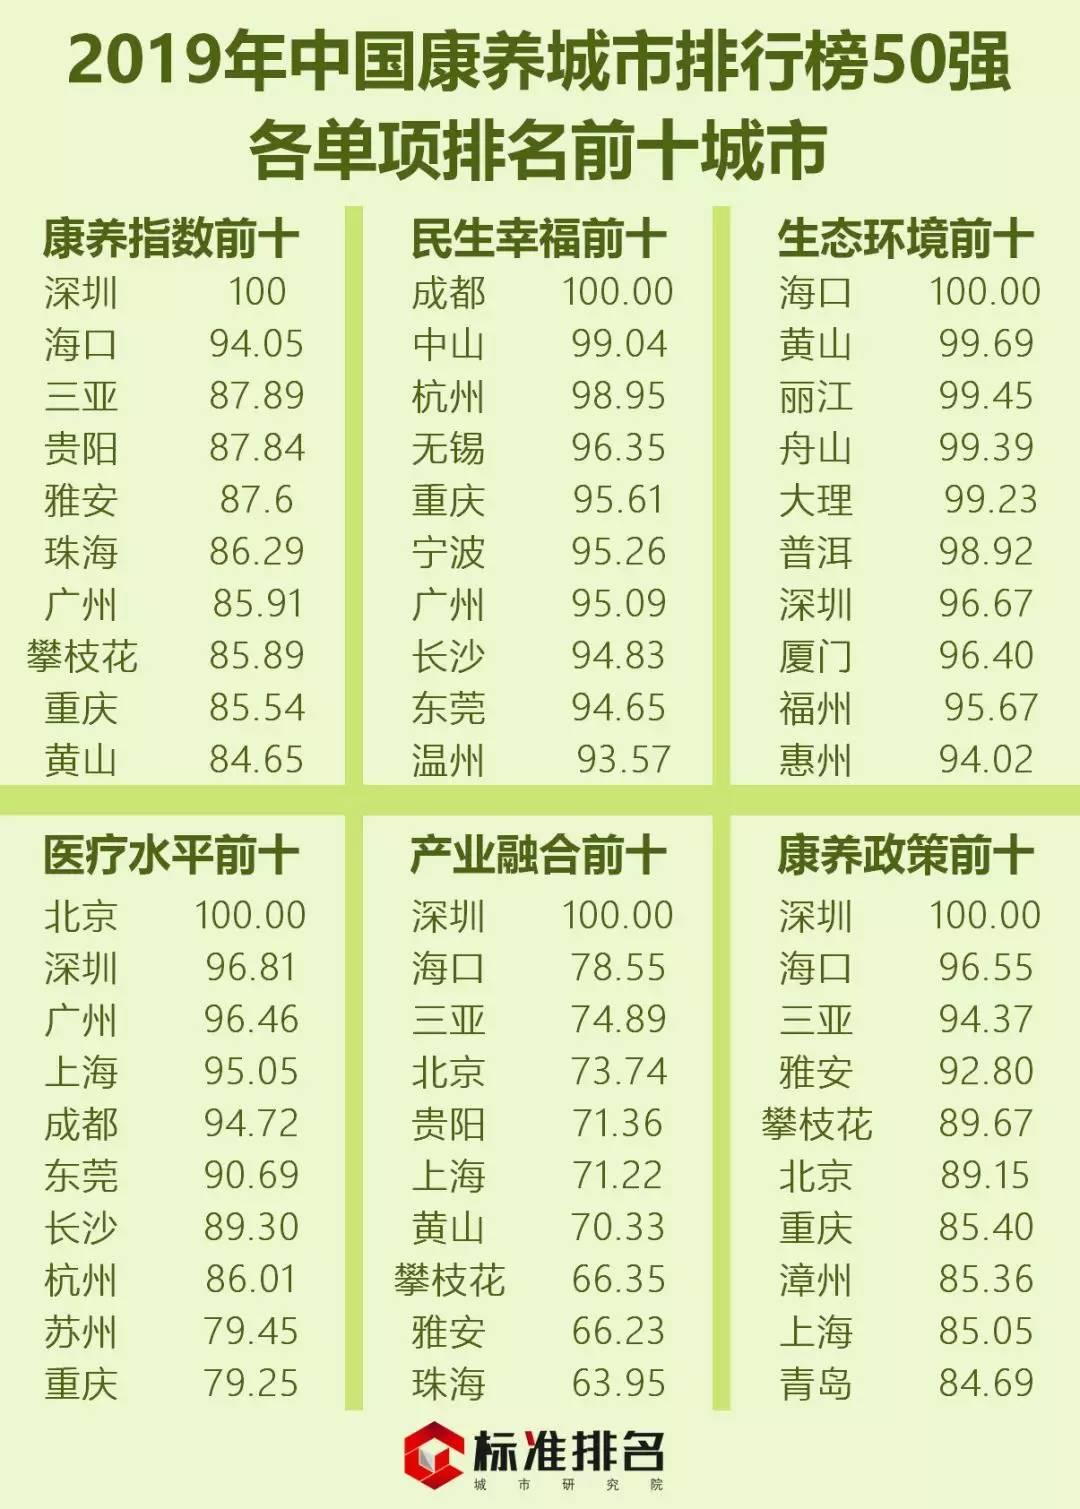 《2019中国康养城市排行榜50强》发布,贵州三市入围,贵阳第四!